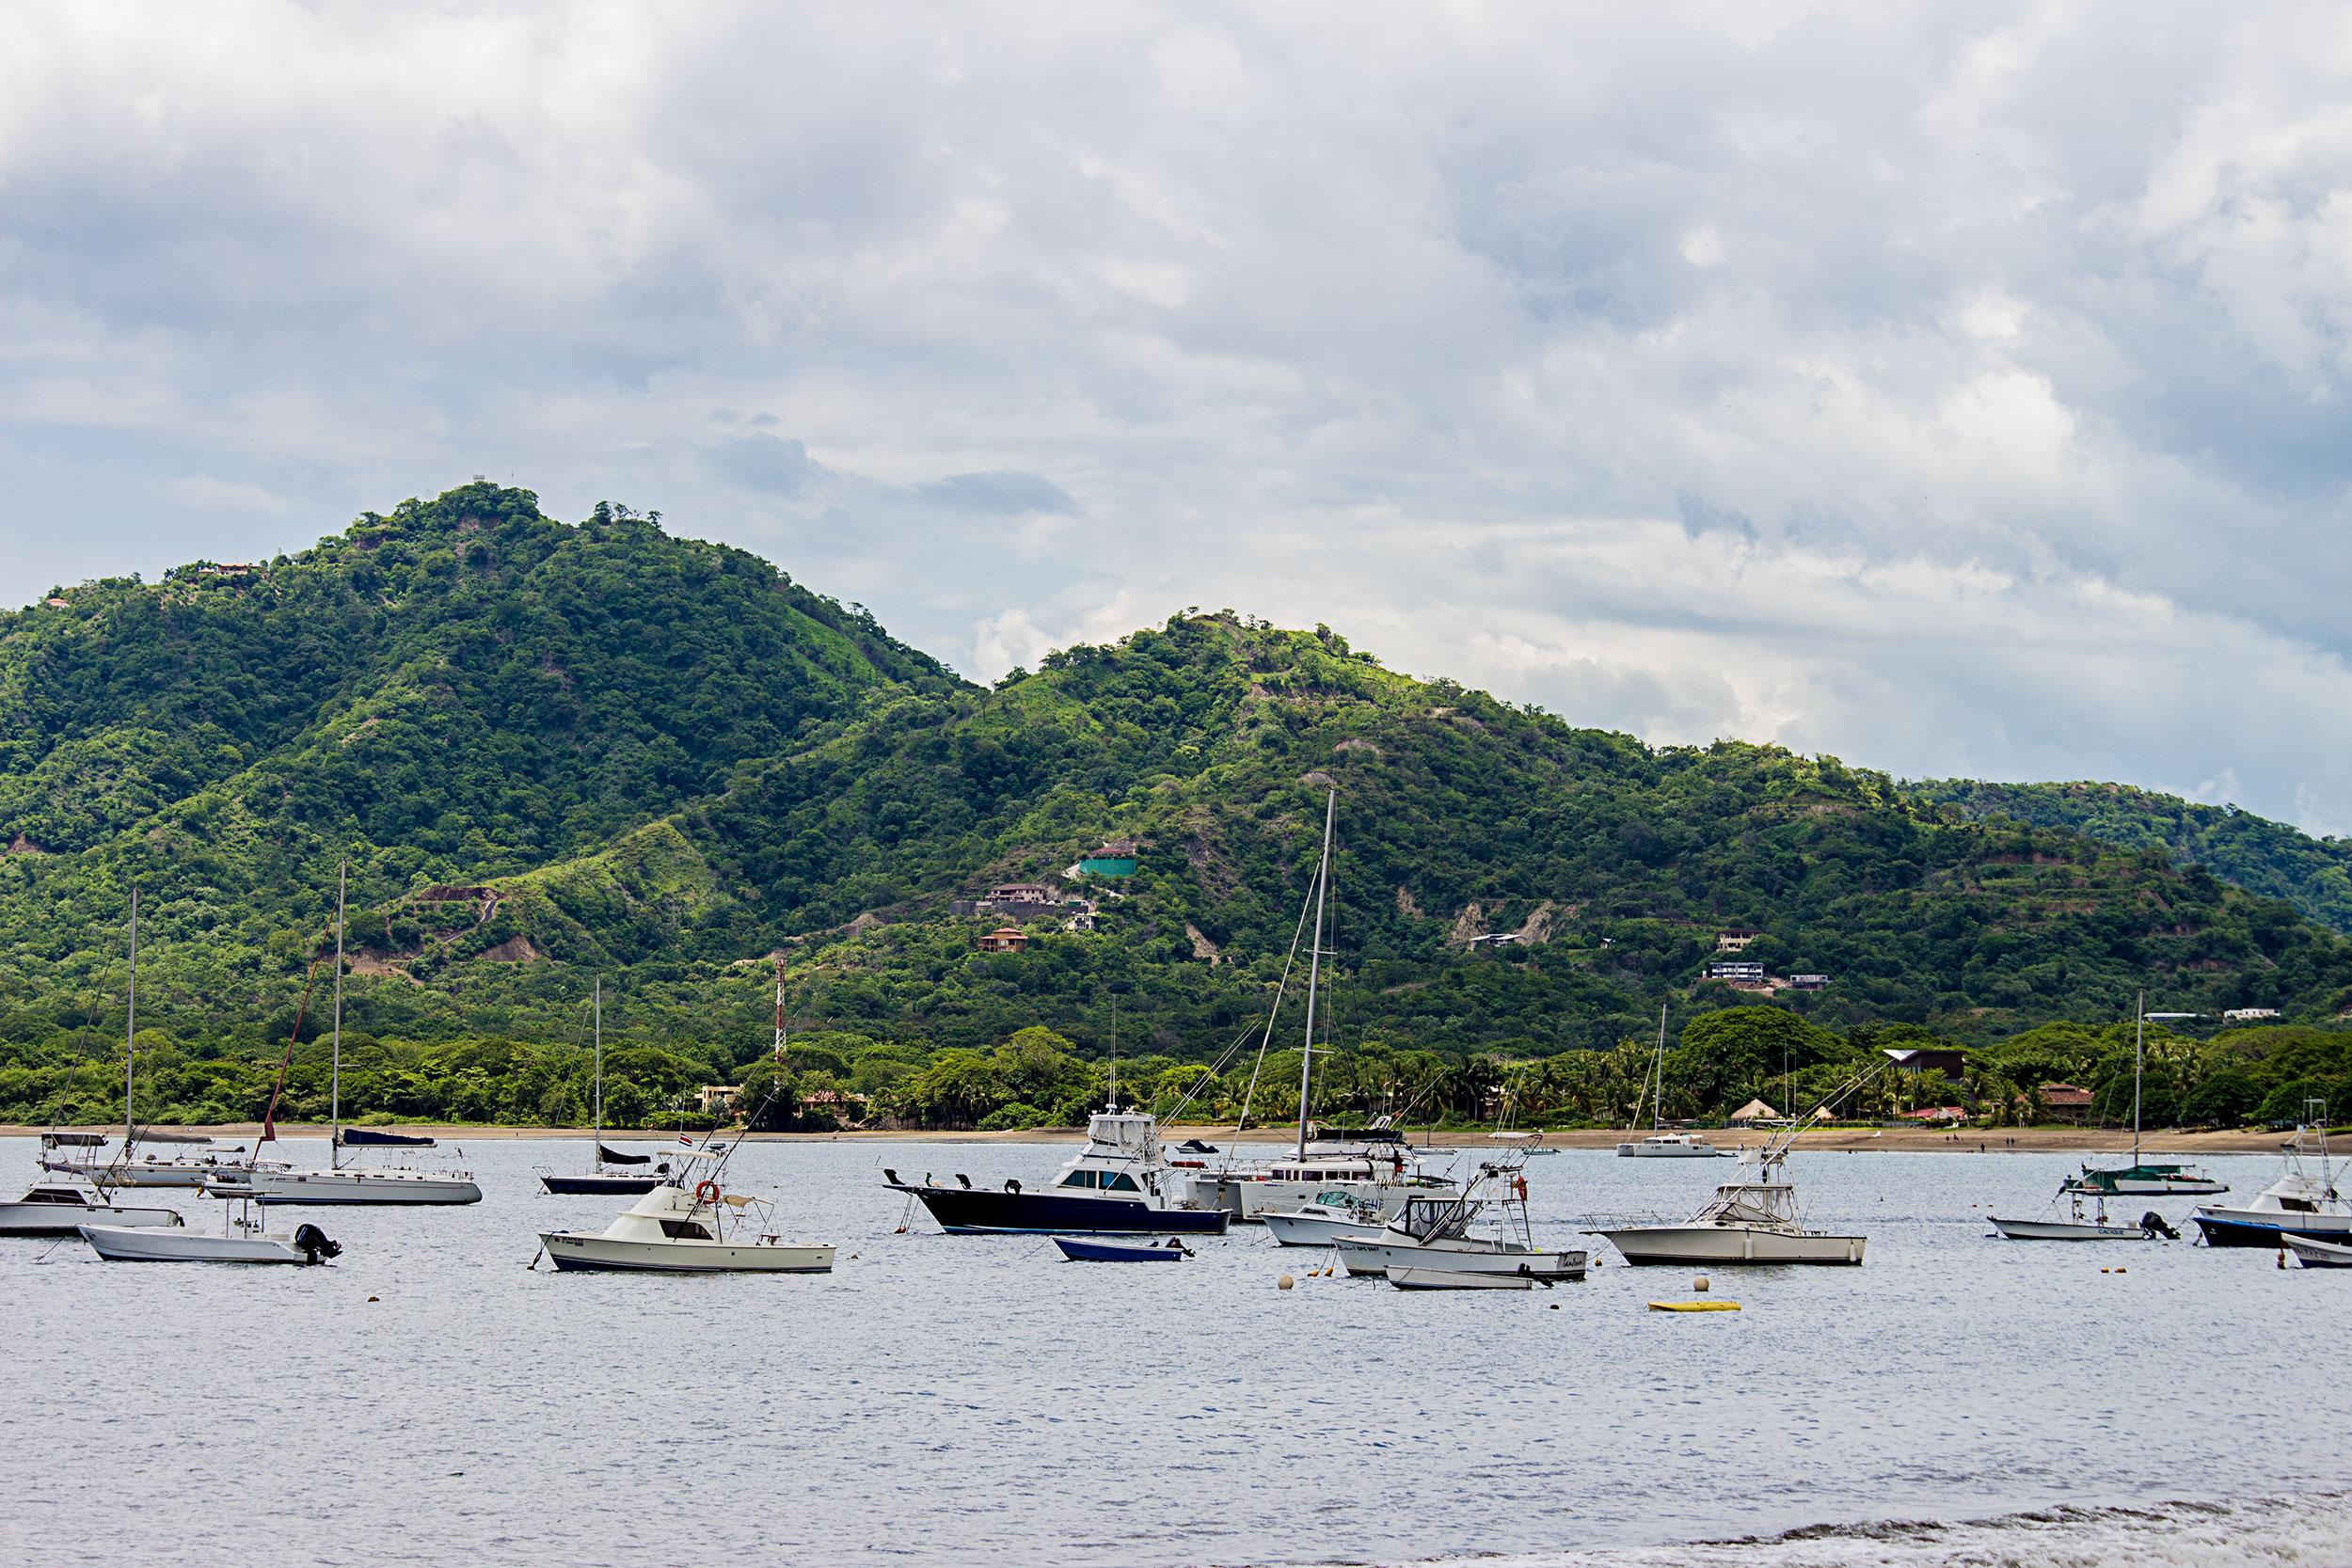 Playa-Flamingo-Boats.jpg